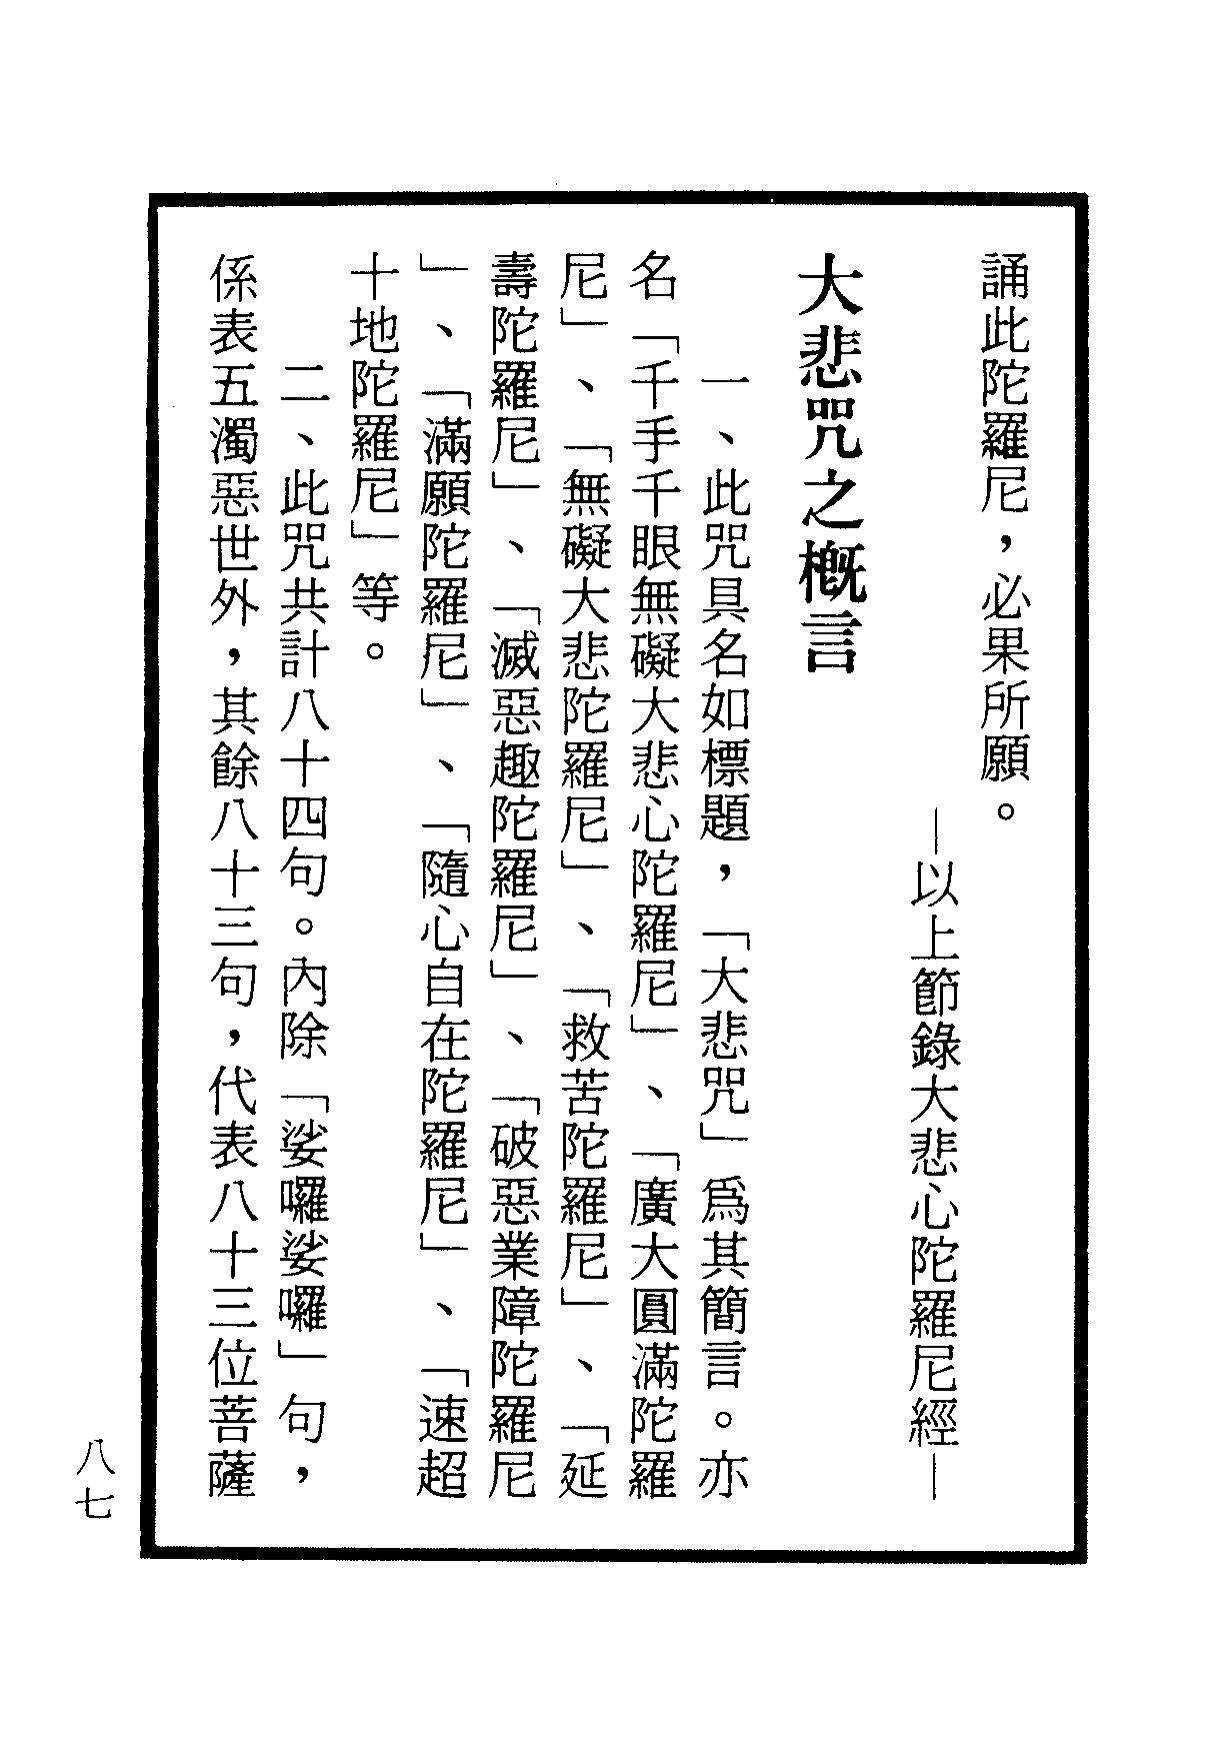 楞嚴咒-大悲咒-十小咒-易背本 93.png